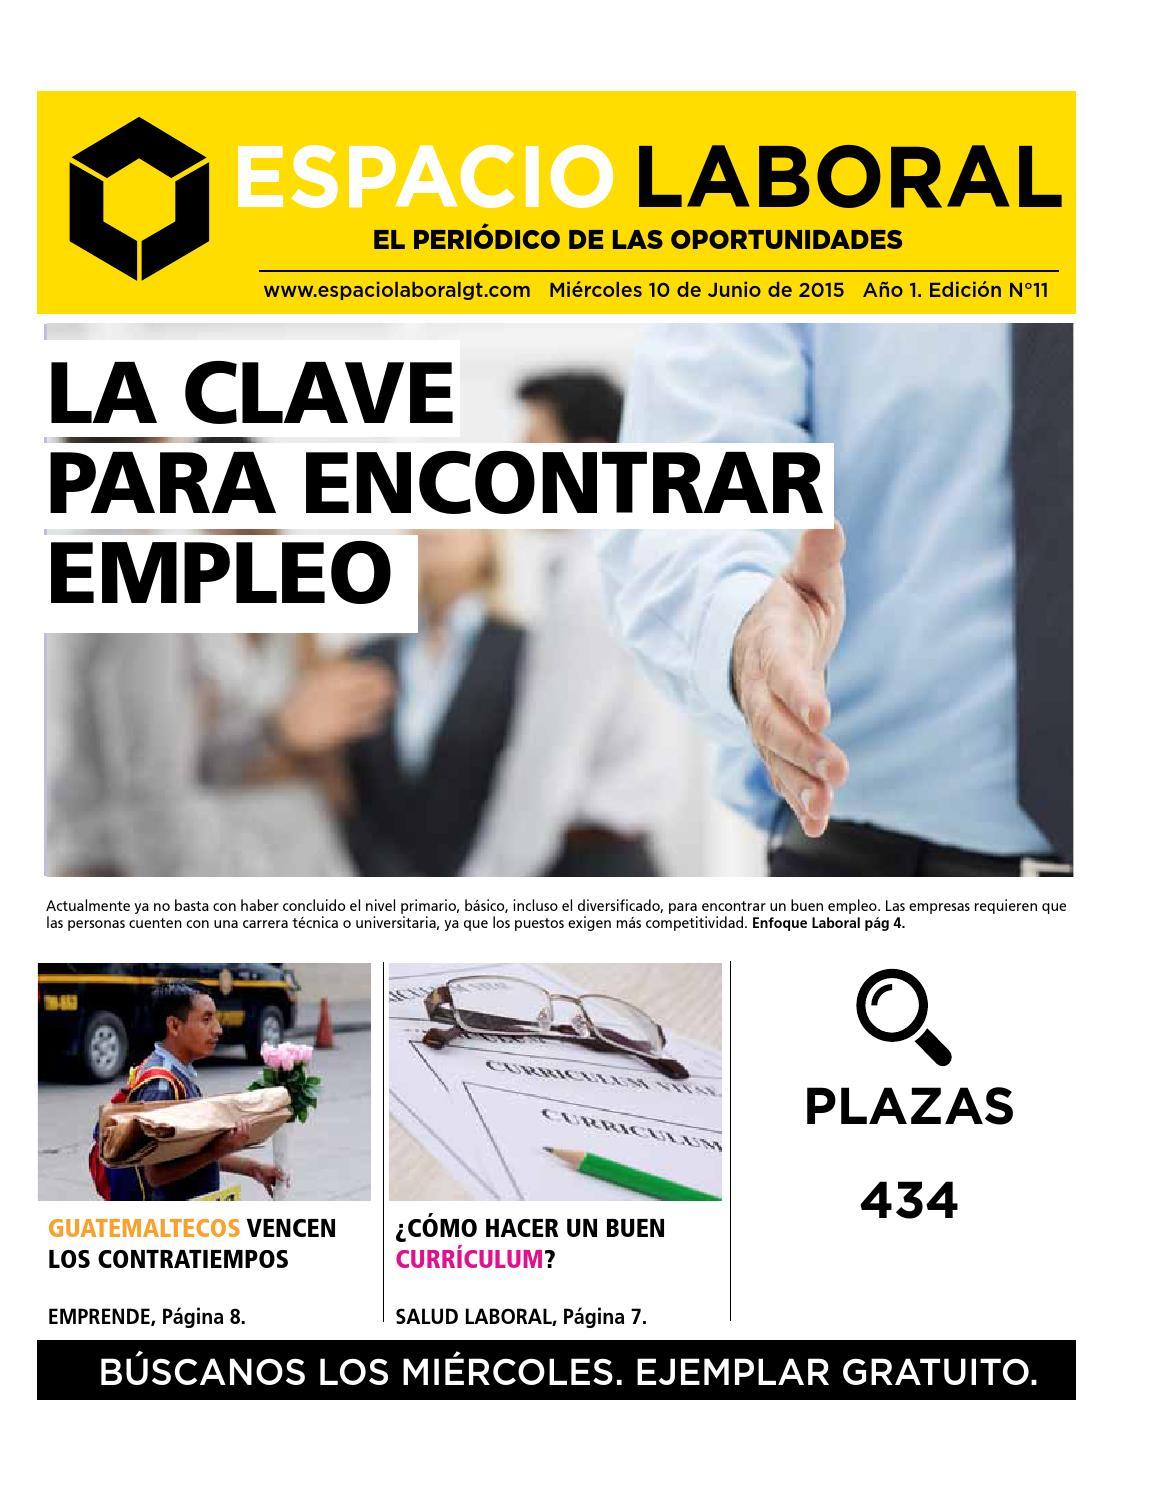 La clave para encontrar empleo by Espacio Laboral - issuu